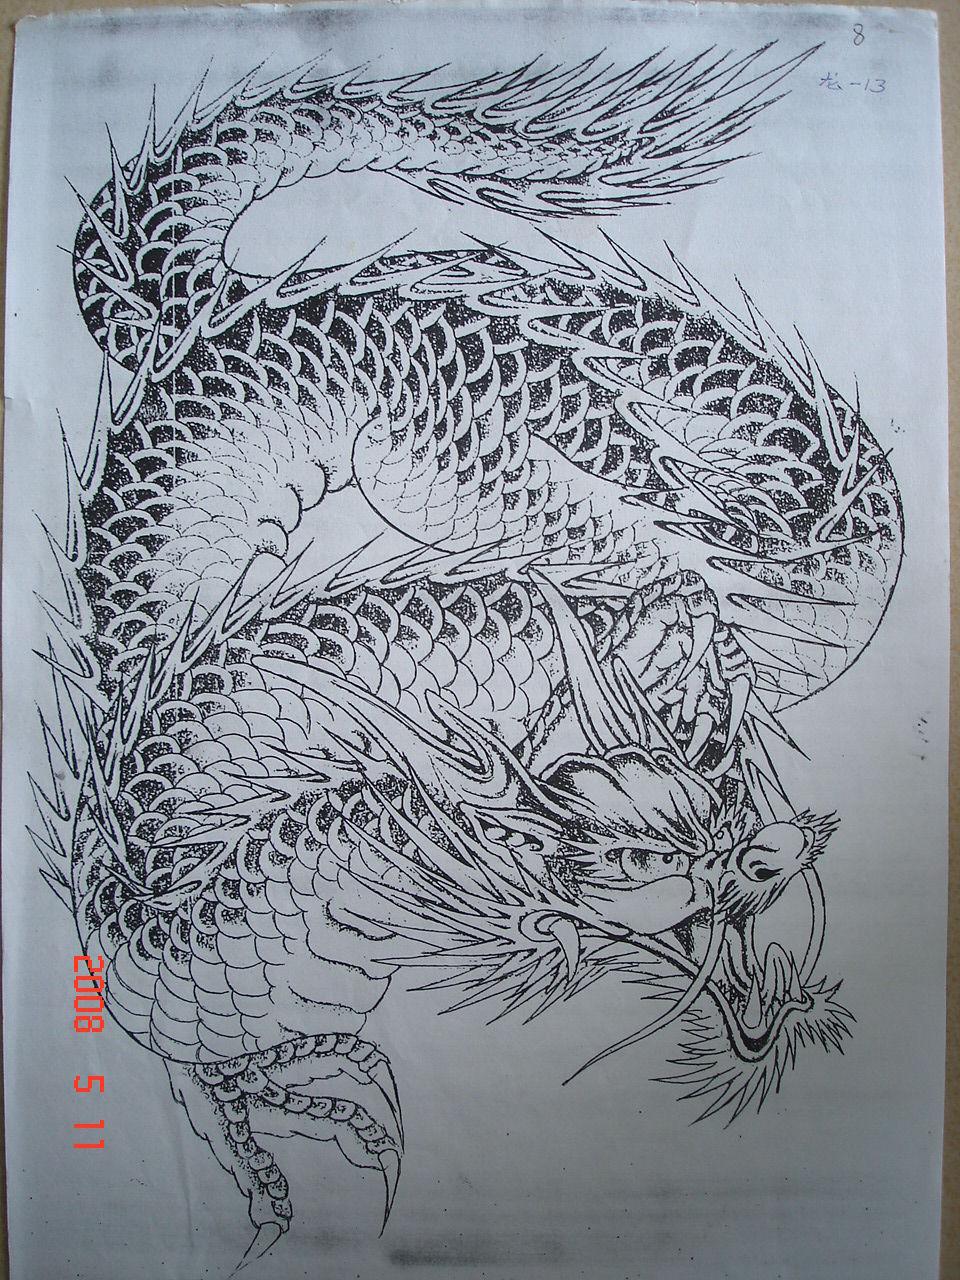 简笔画 手绘 素描 线稿 960_1280 竖版 竖屏图片